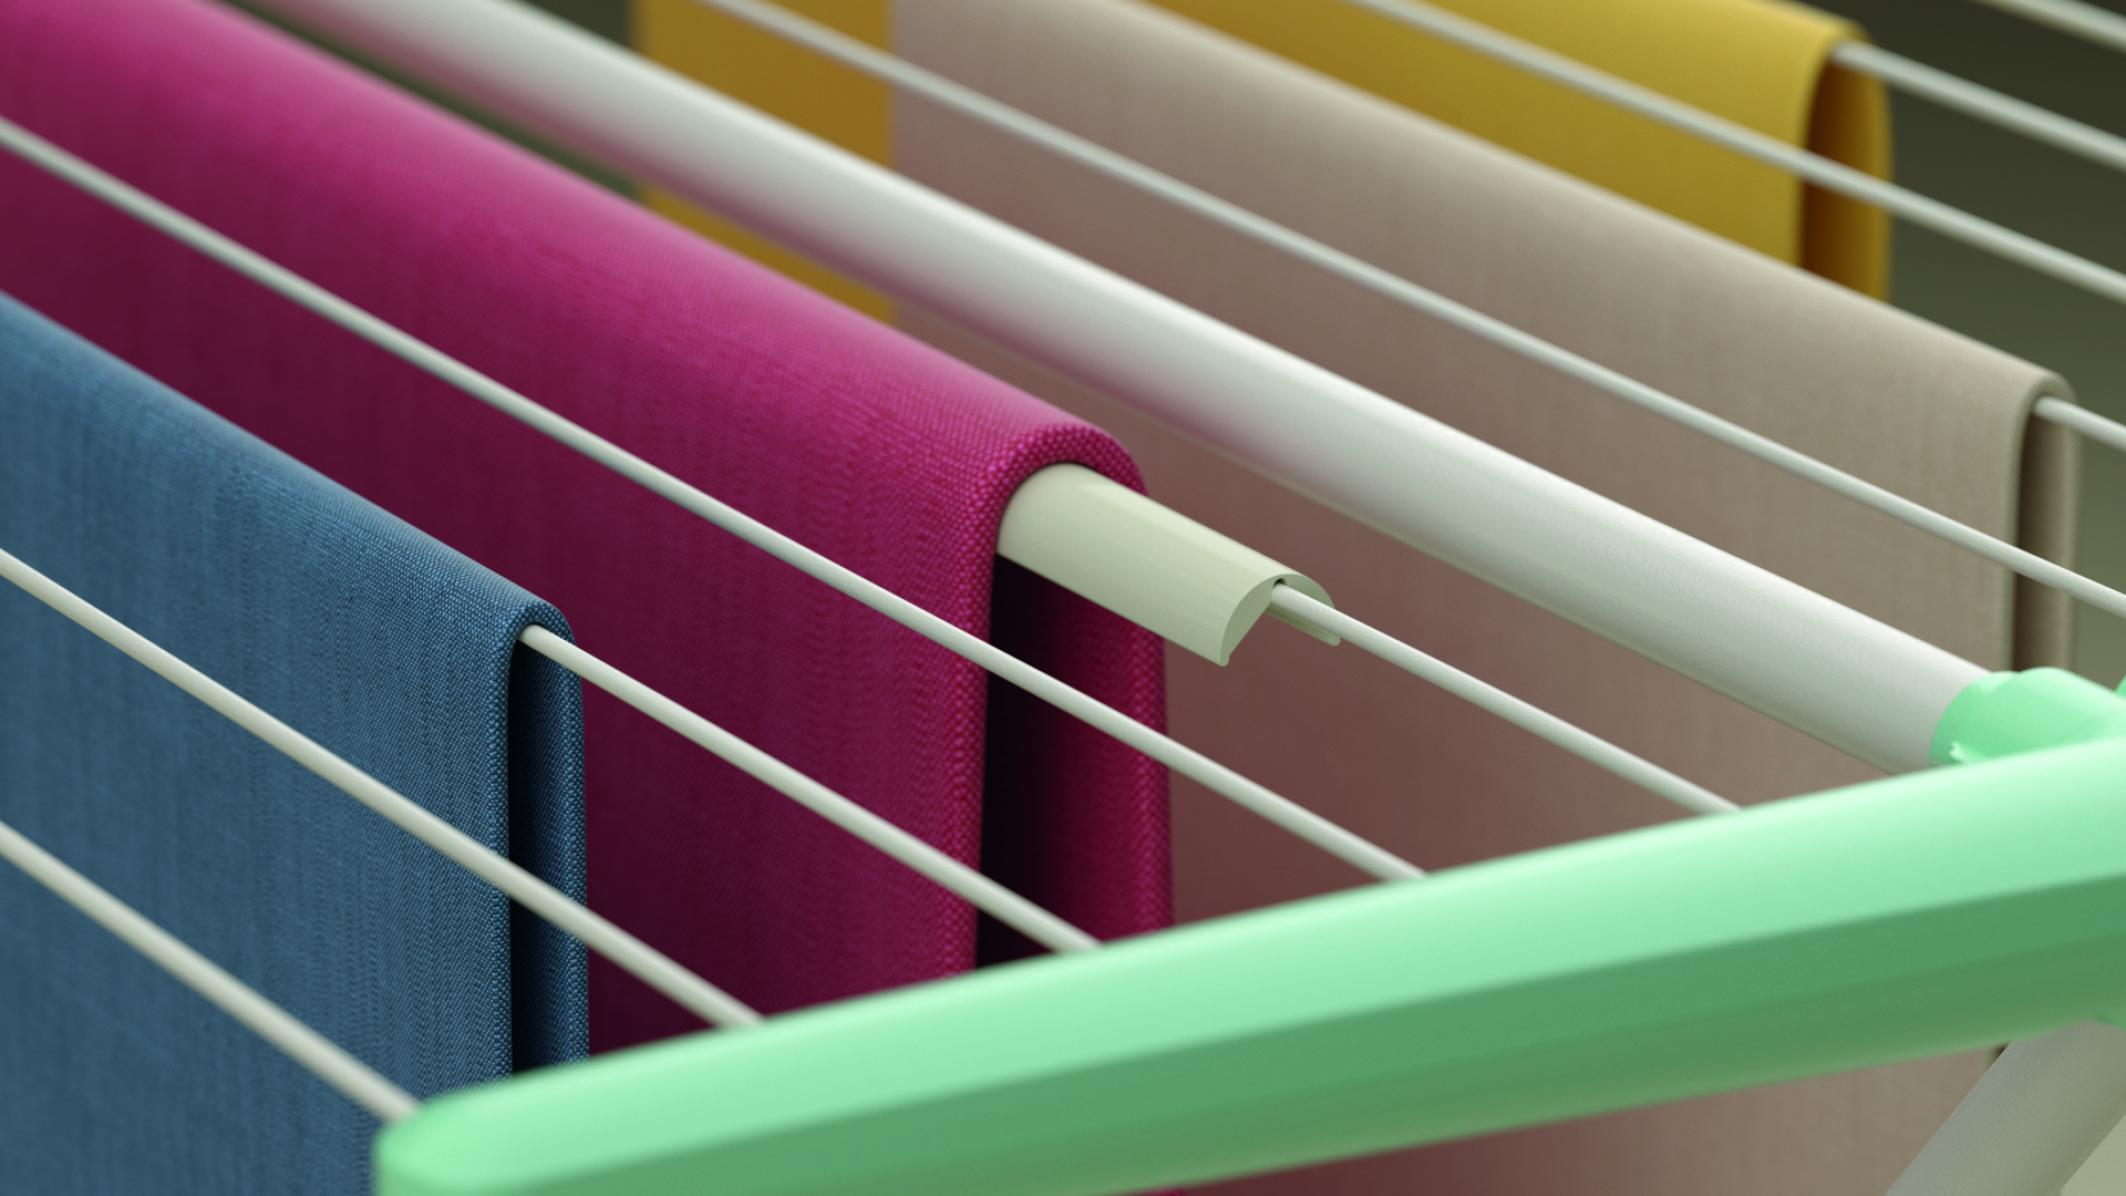 faltenfreie Wäsche auf einem Wäscheständer